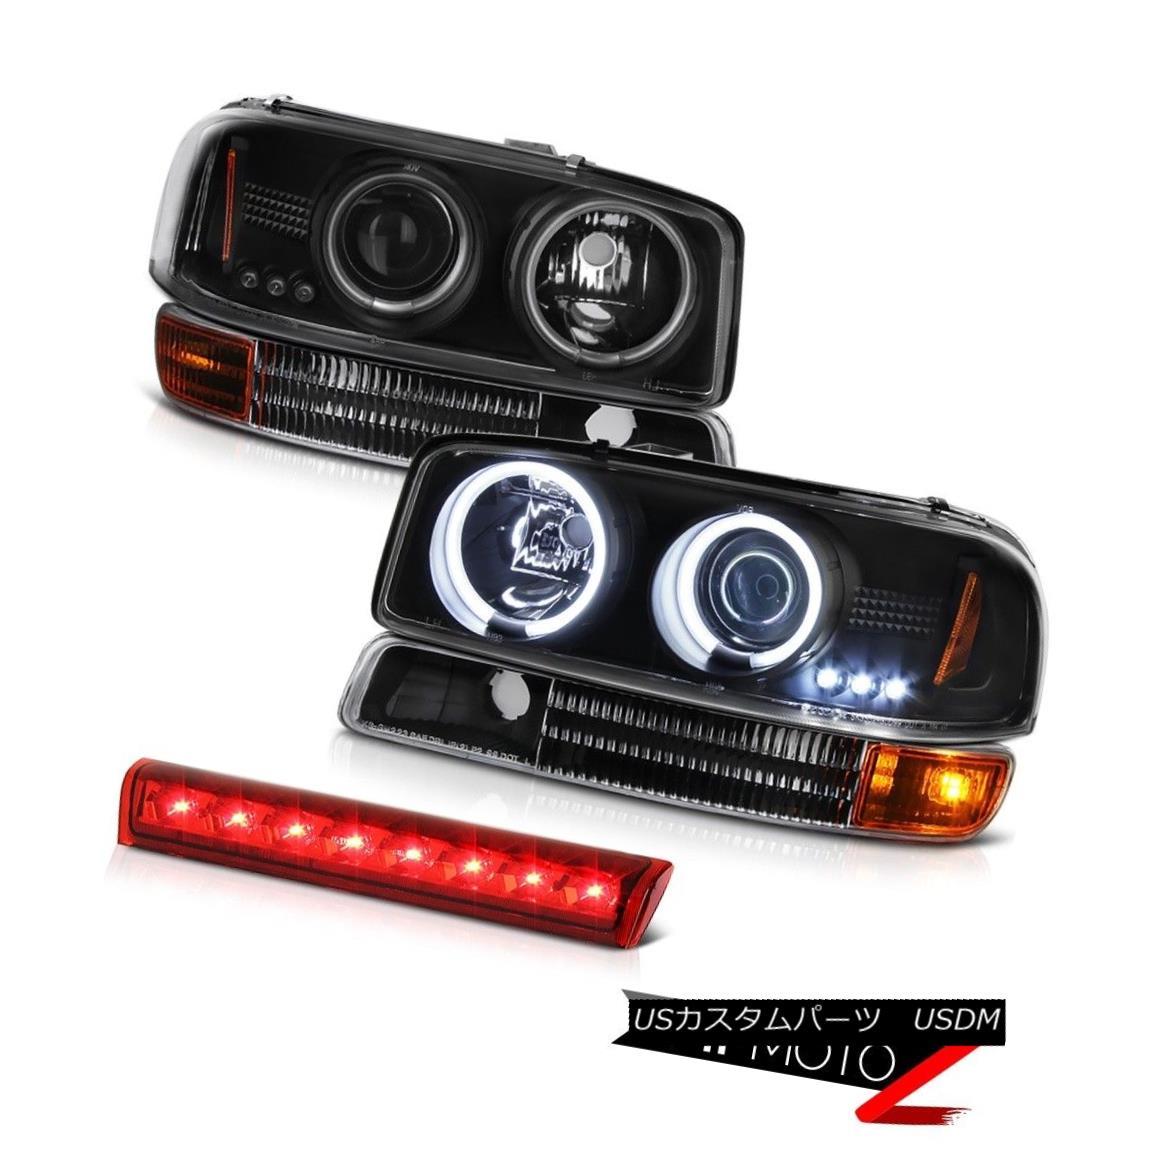 ヘッドライト 00-06 Yukon Angel Eye Projector Headlight Signal Bumper Cargo RED LED Brake Lamp 00-06ユーコンエンジェルアイプロジェクターヘッドライト信号バンパーカーゴRED LEDブレーキランプ